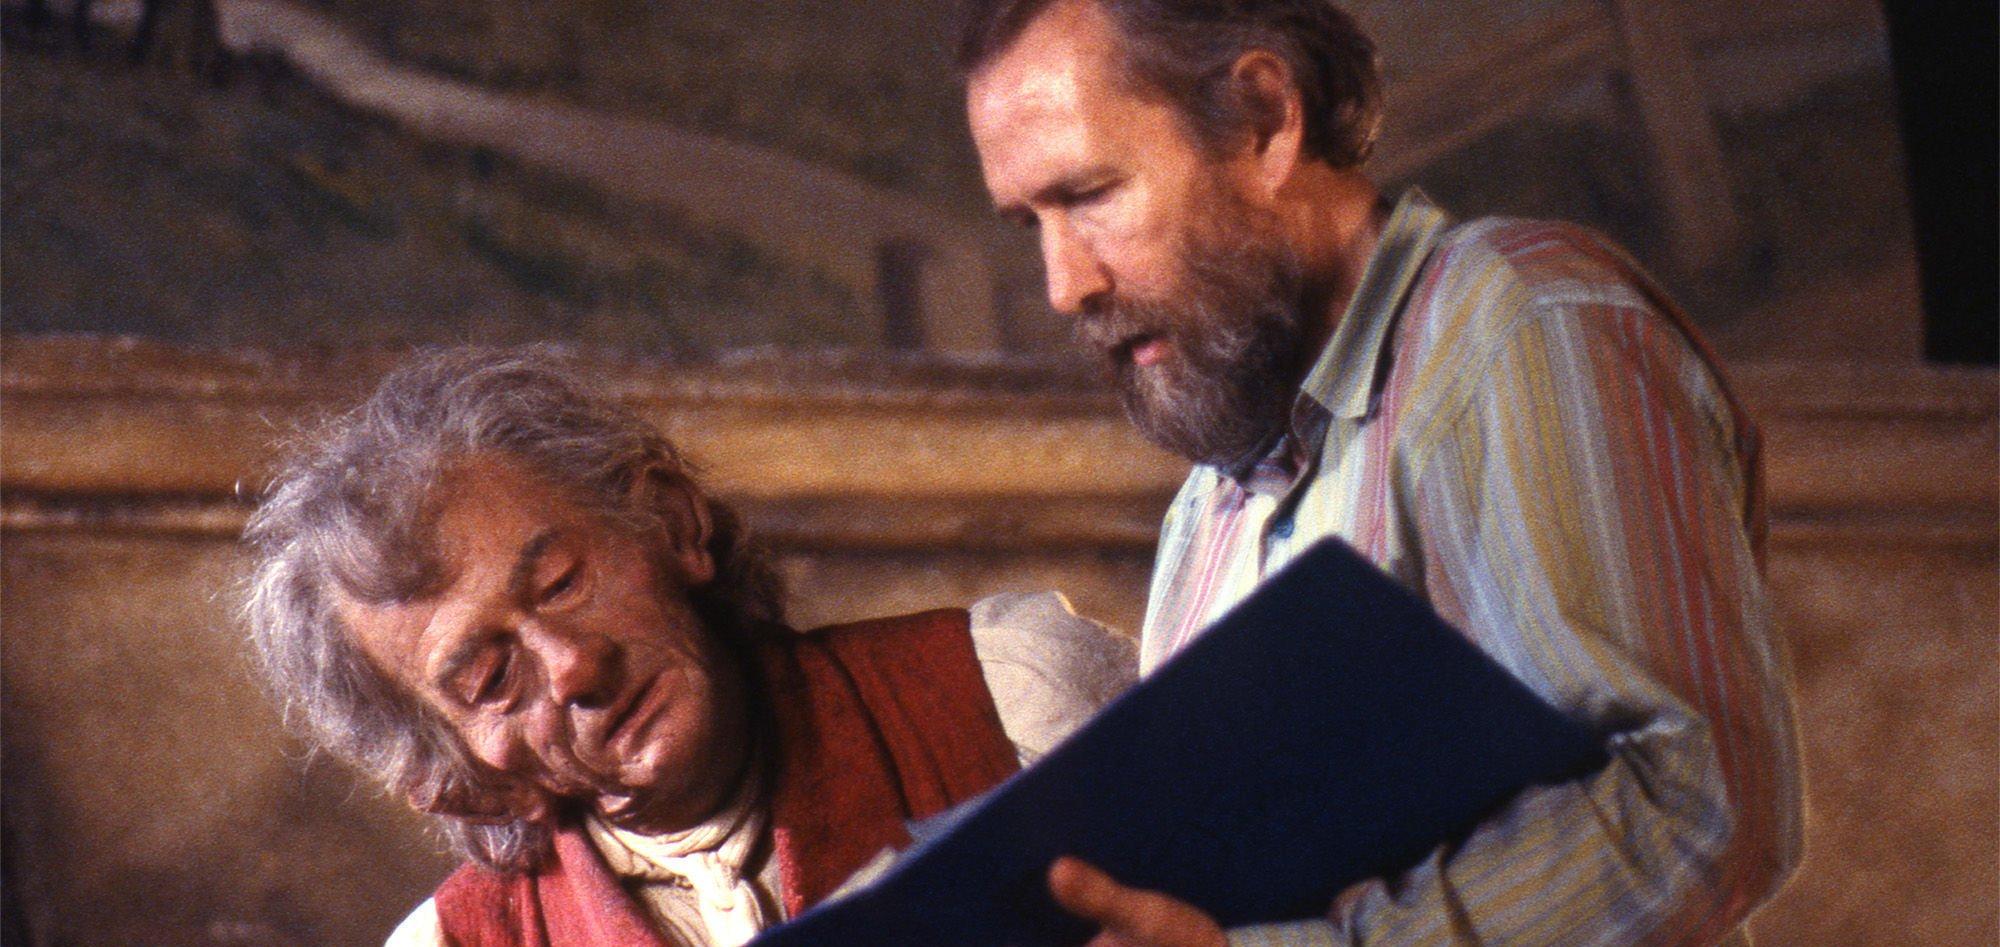 John Hurt and Jim Henson on the set of 'The Storyteller' - Hero Image